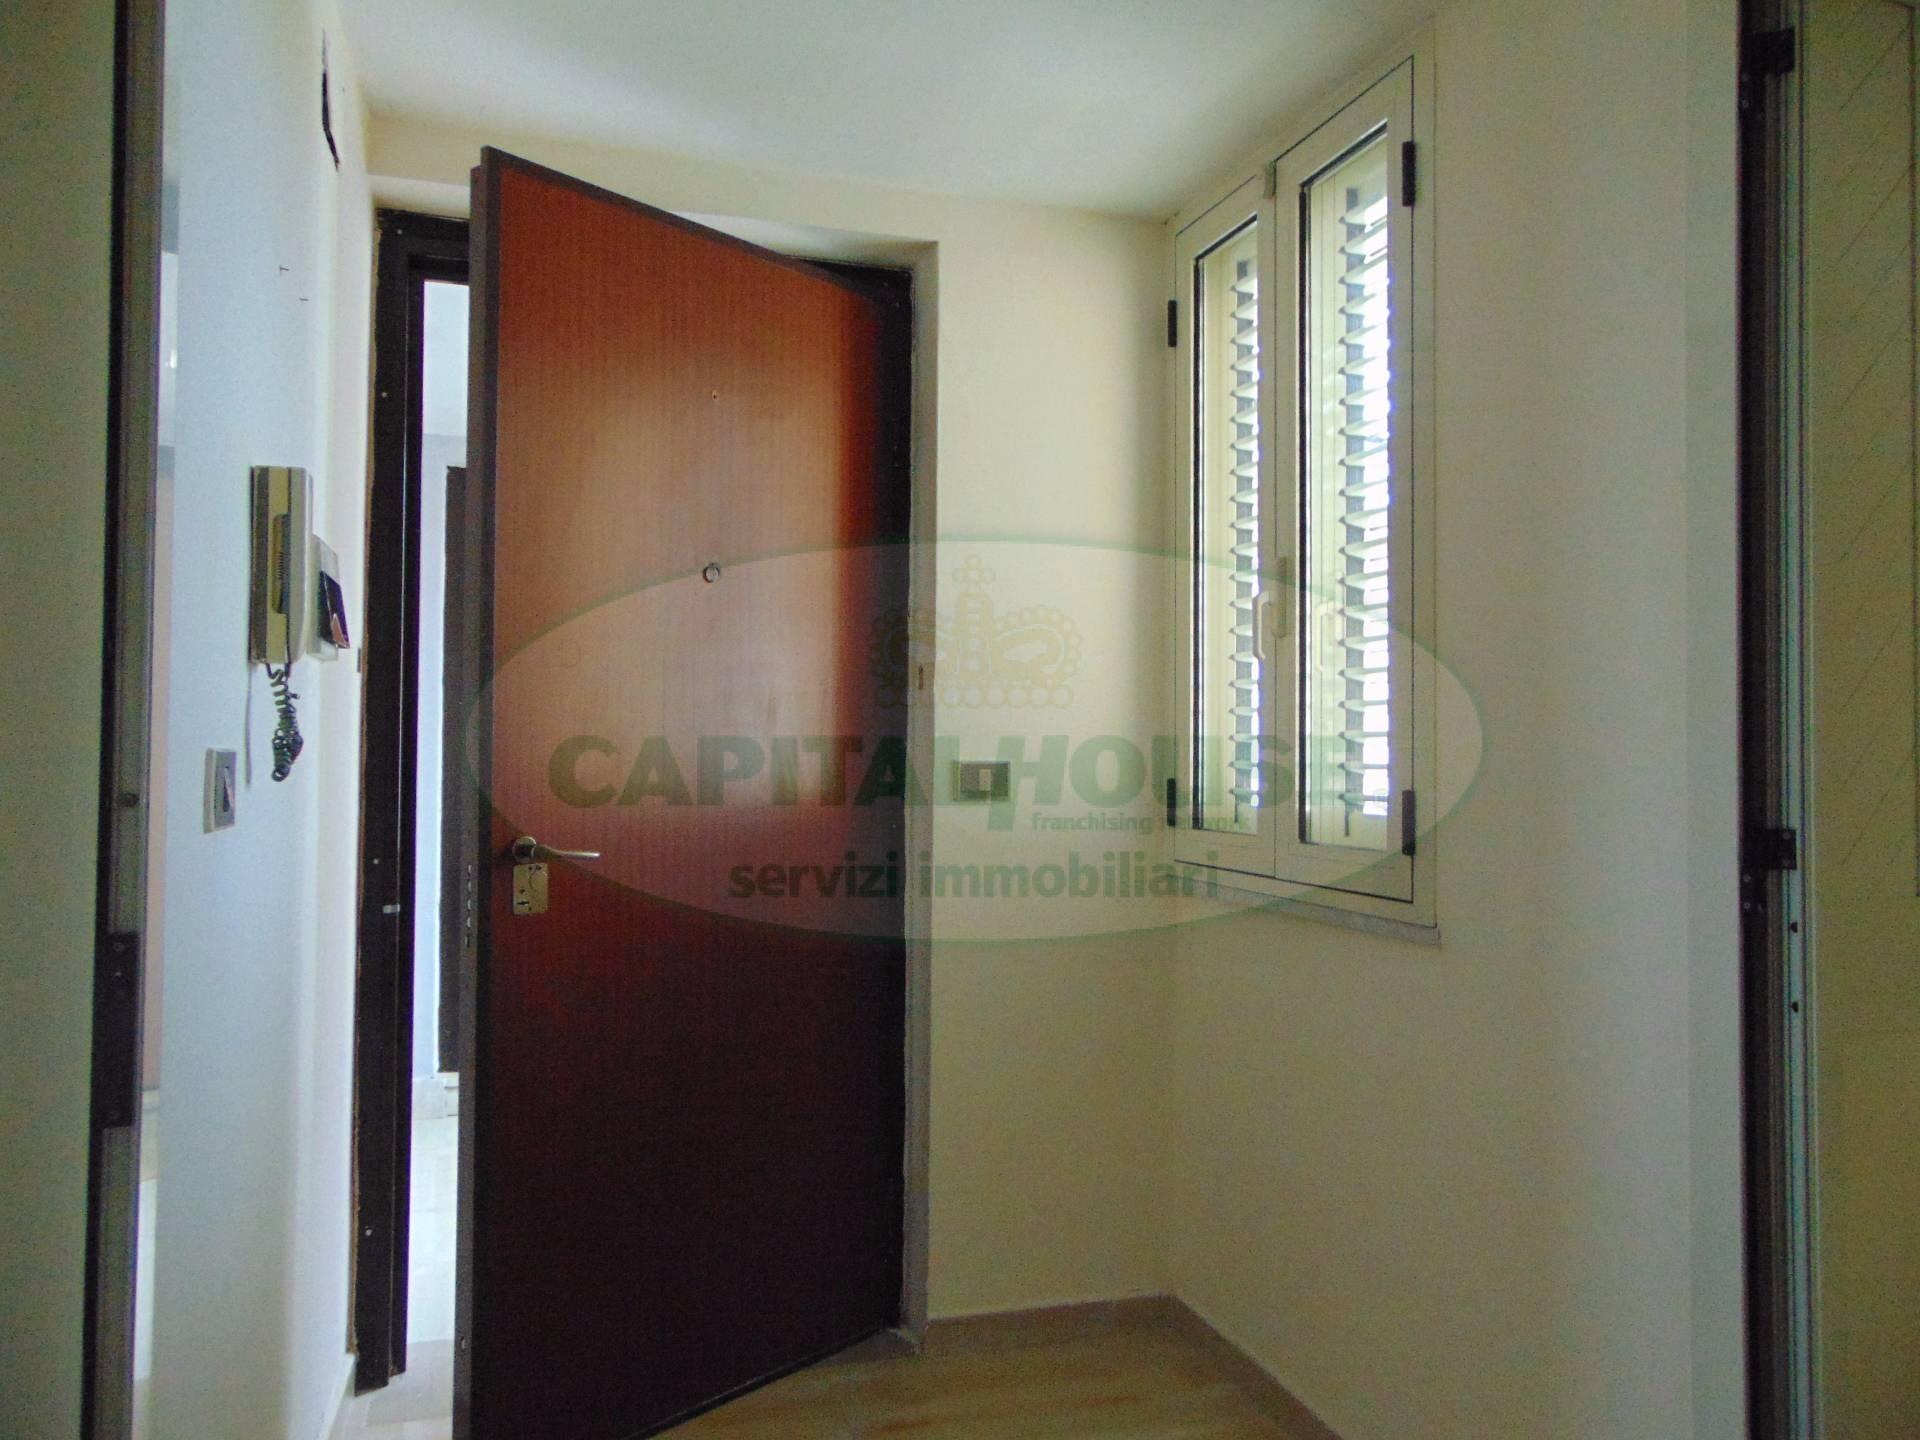 Attico / Mansarda in affitto a San Tammaro, 3 locali, prezzo € 360 | Cambio Casa.it